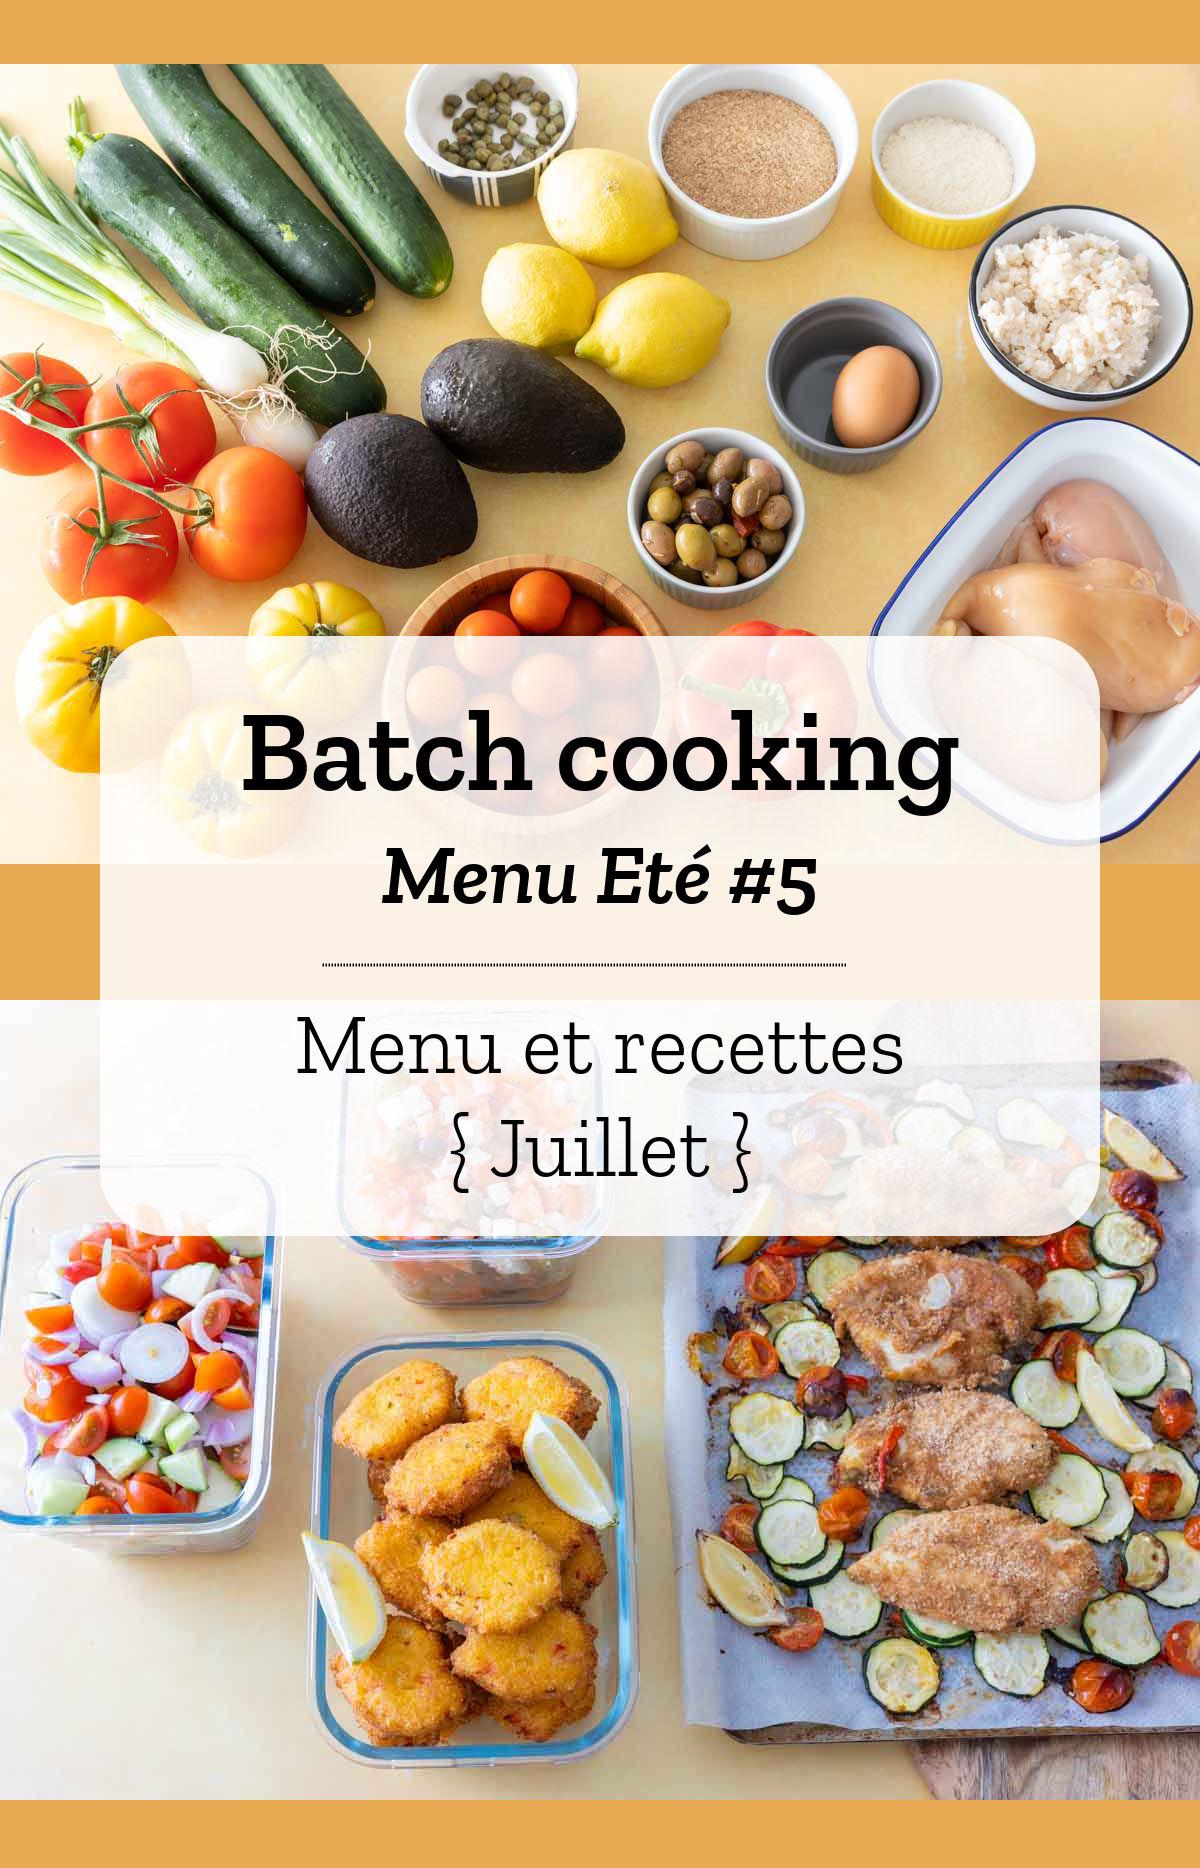 Batch cooking Eté #6 – Mois d'Août – Semaine 31